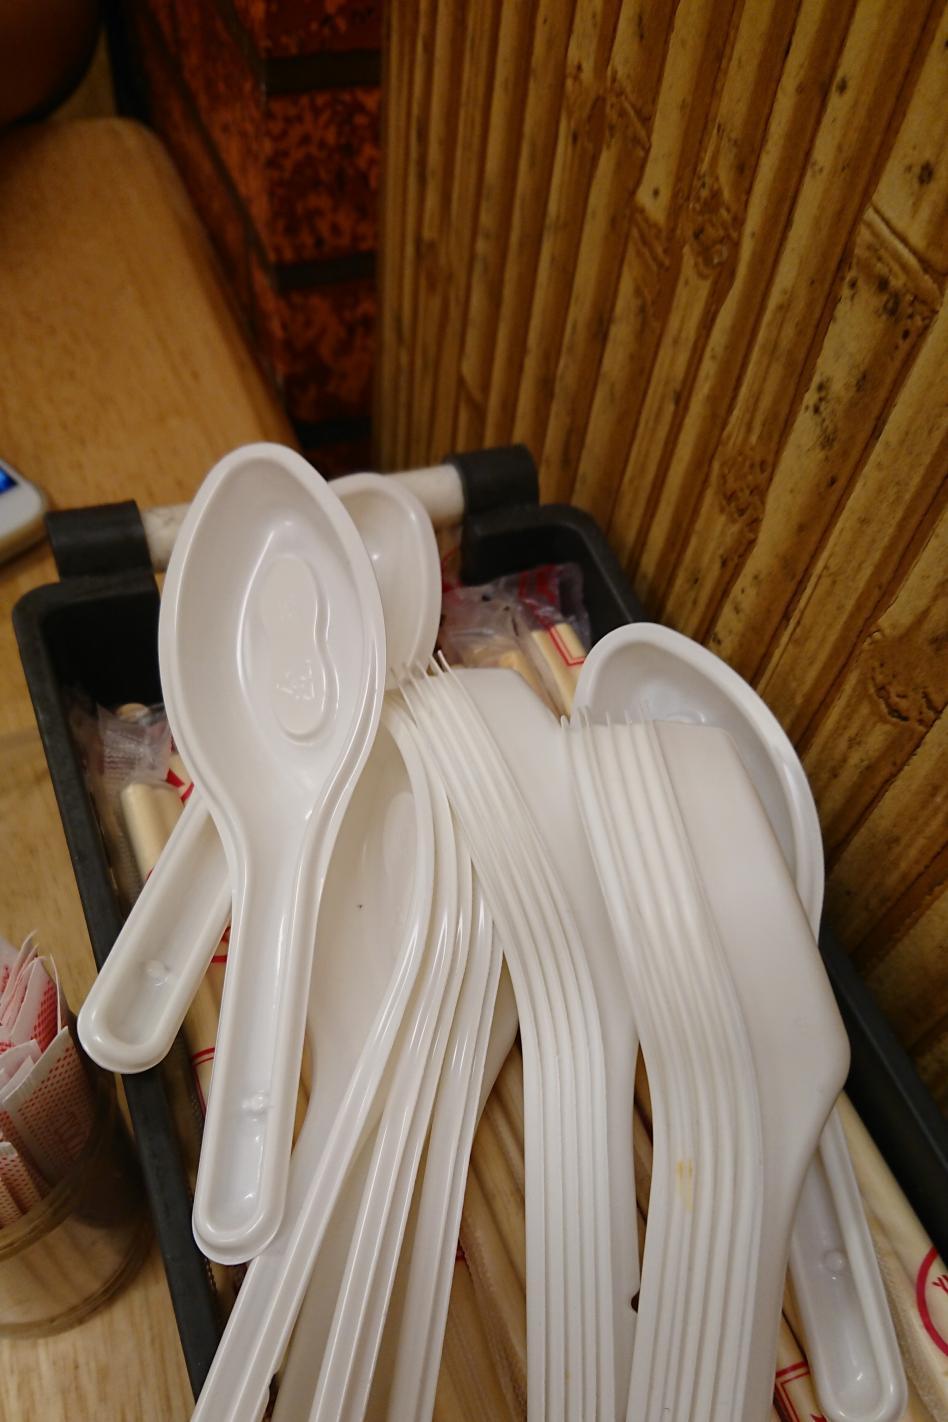 吃小火鍋驚見店家提供「6號塑膠湯匙」,他揭曉「編號秘密」暗藏的危機